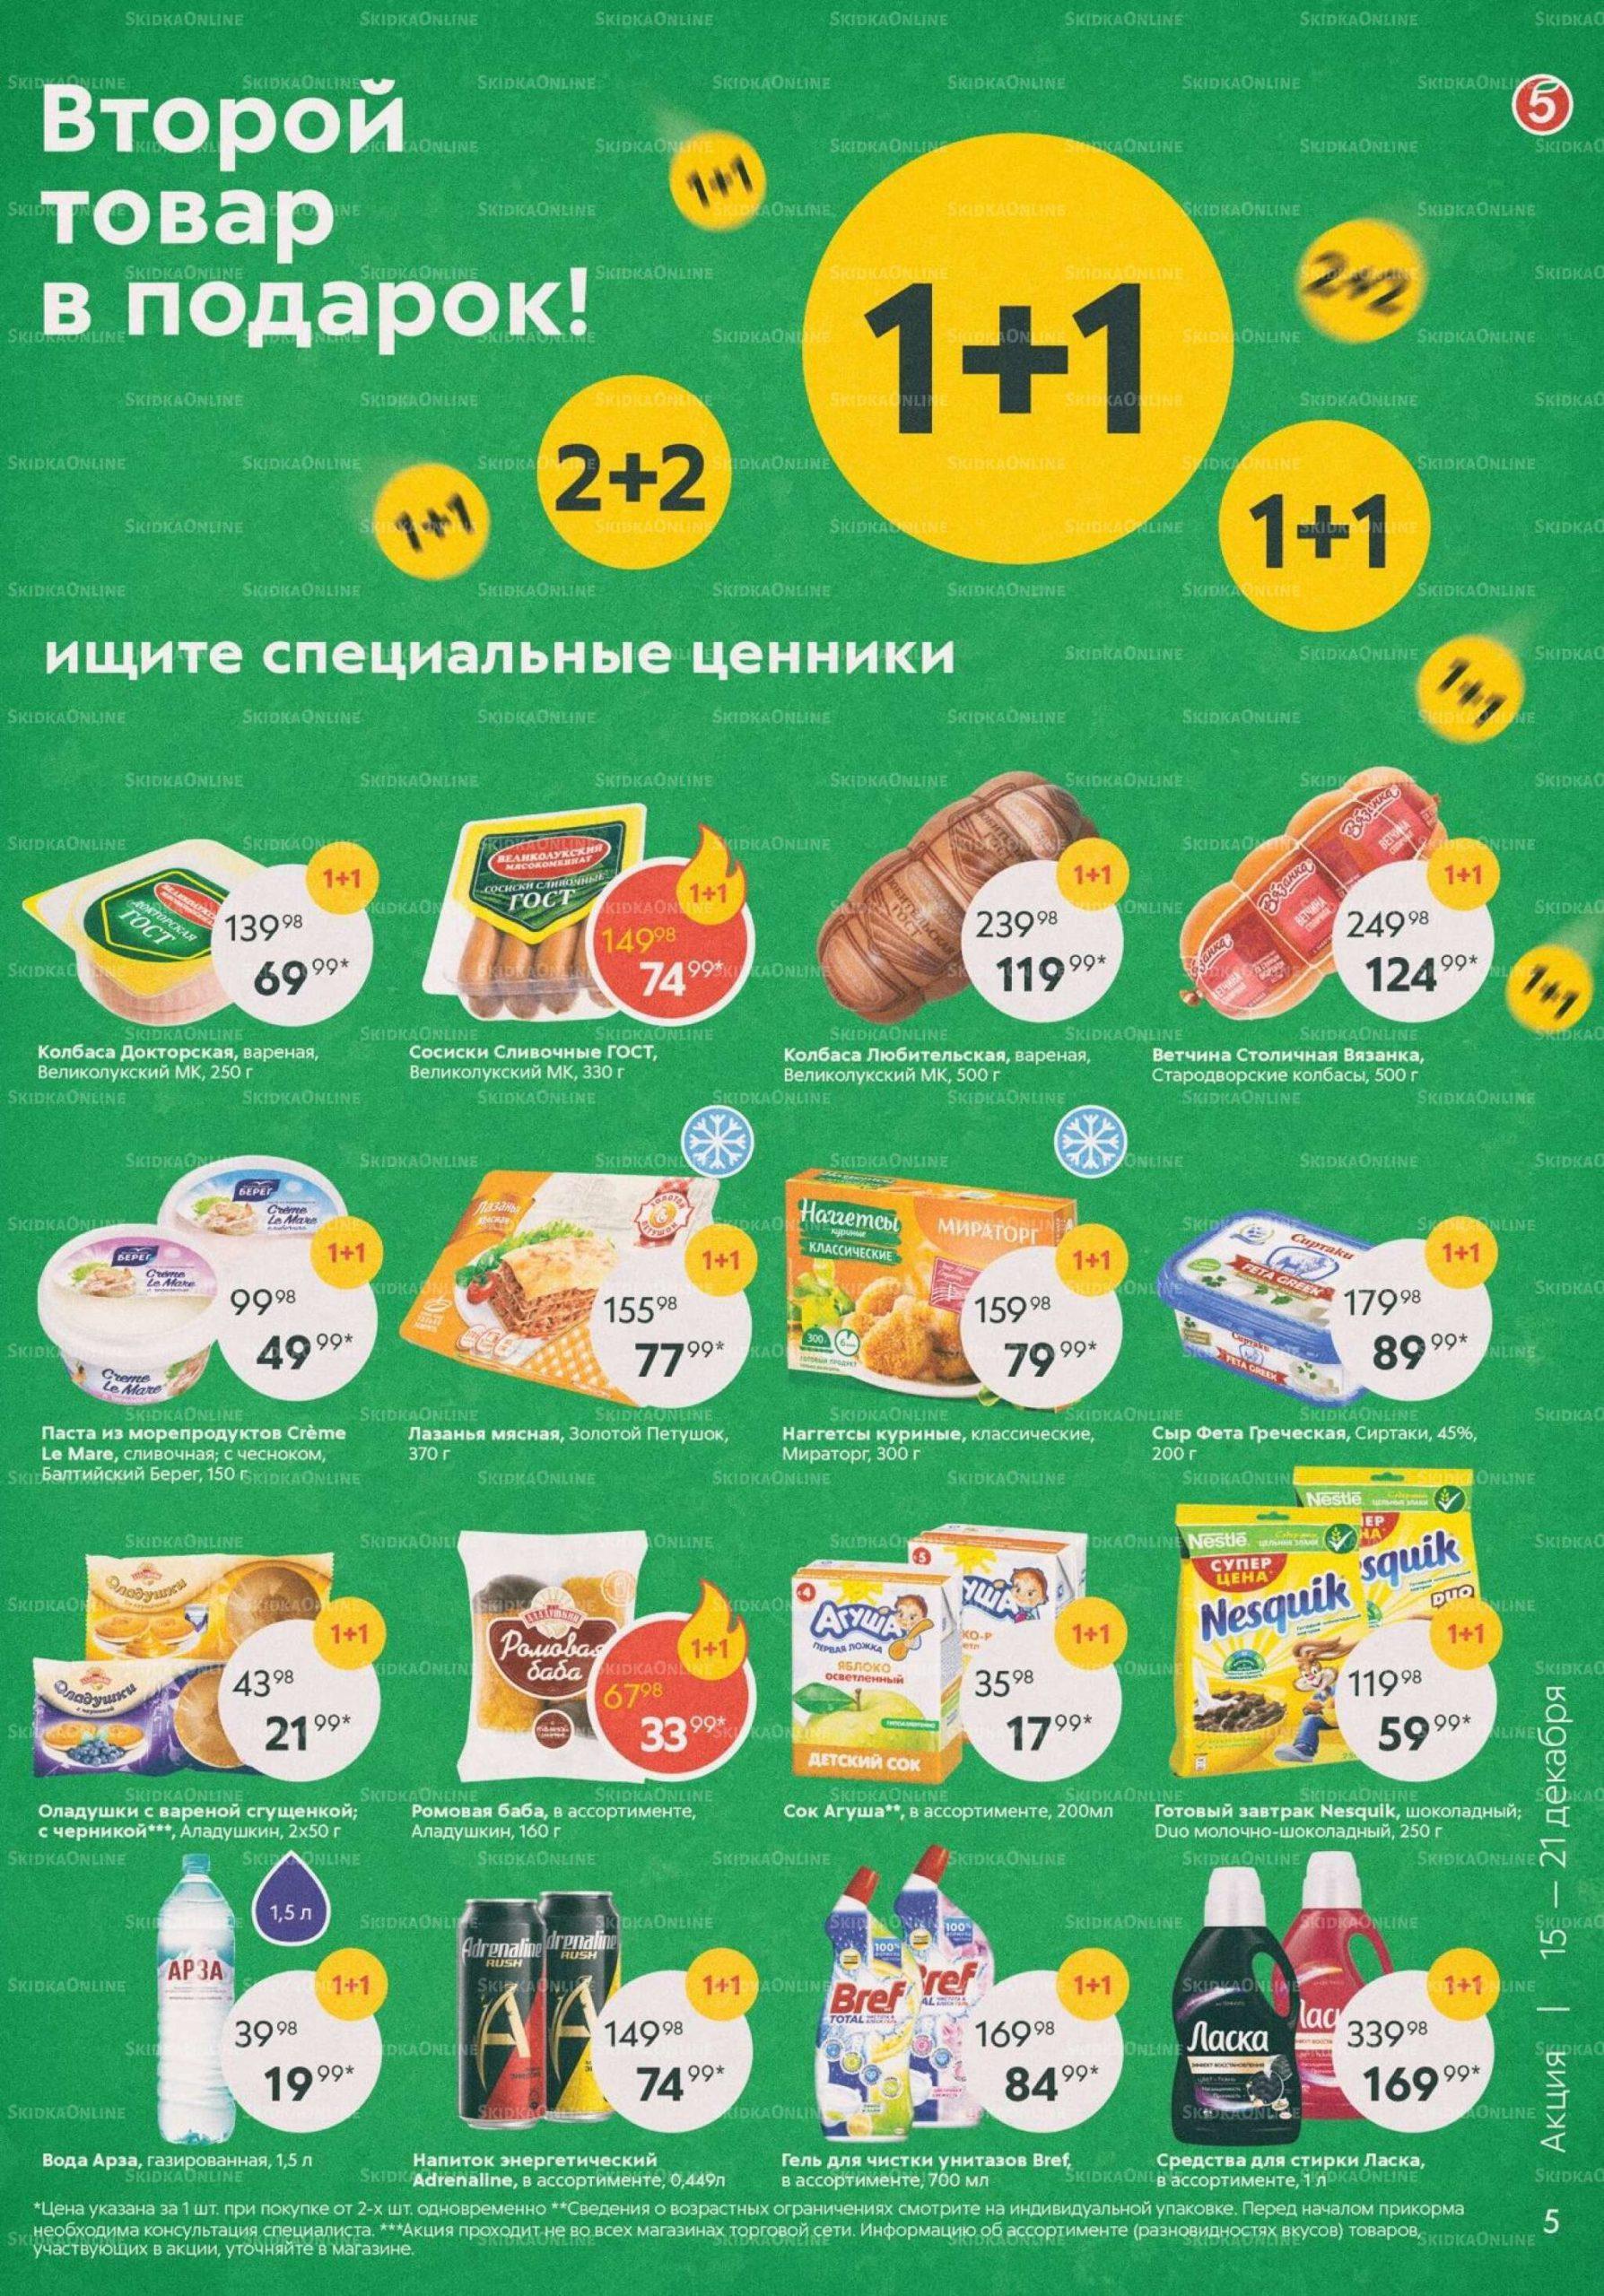 Акции в Пятёрочке с 15 по 21 декабря 2020 года